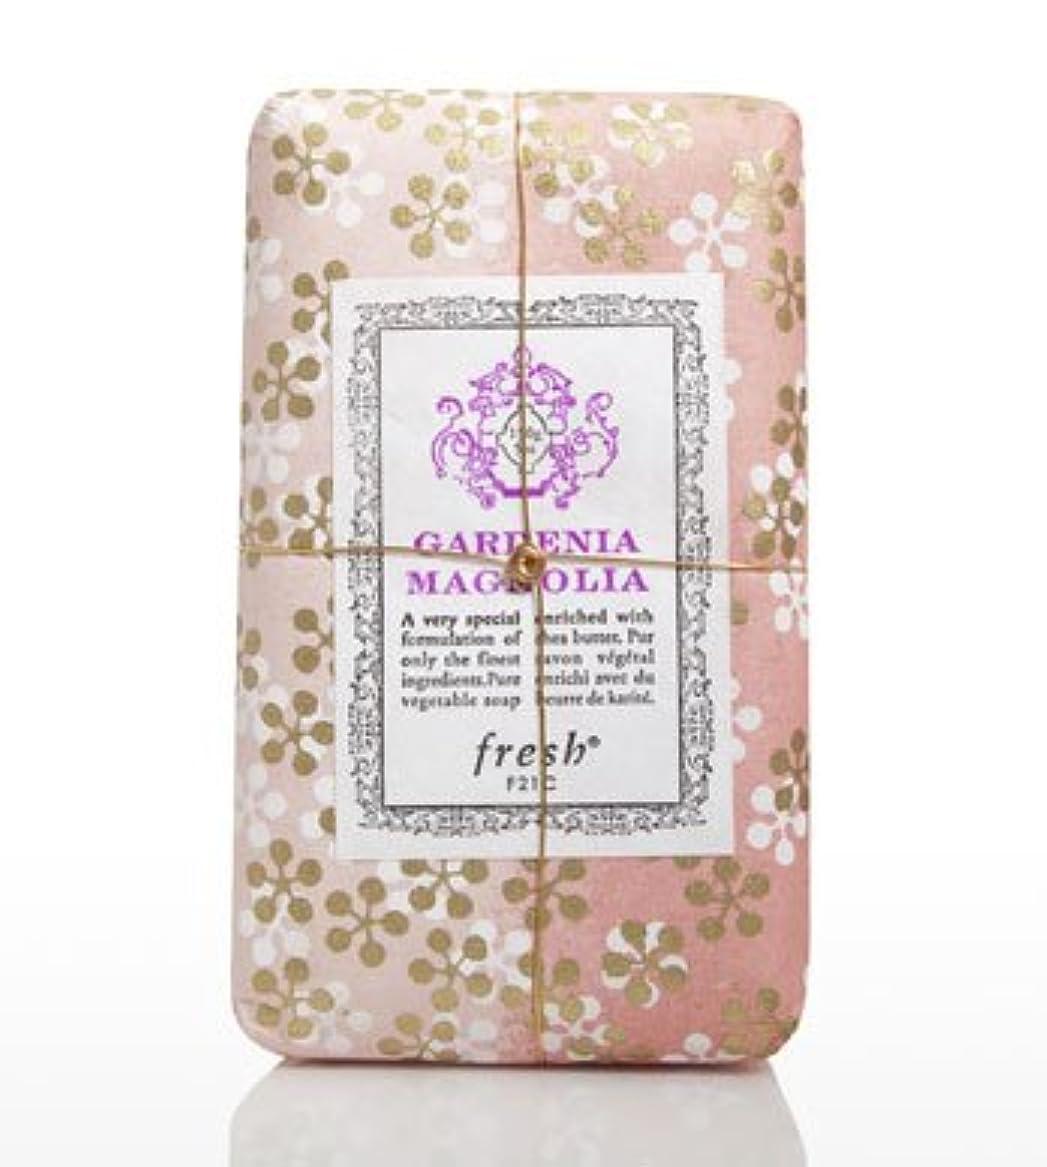 破壊的な結婚式副Fresh GARDENIA MAGNOLIA SOAP(フレッシュ ガーデナマグノリア ソープ) 5.0 oz (150gl) 石鹸 by Fresh